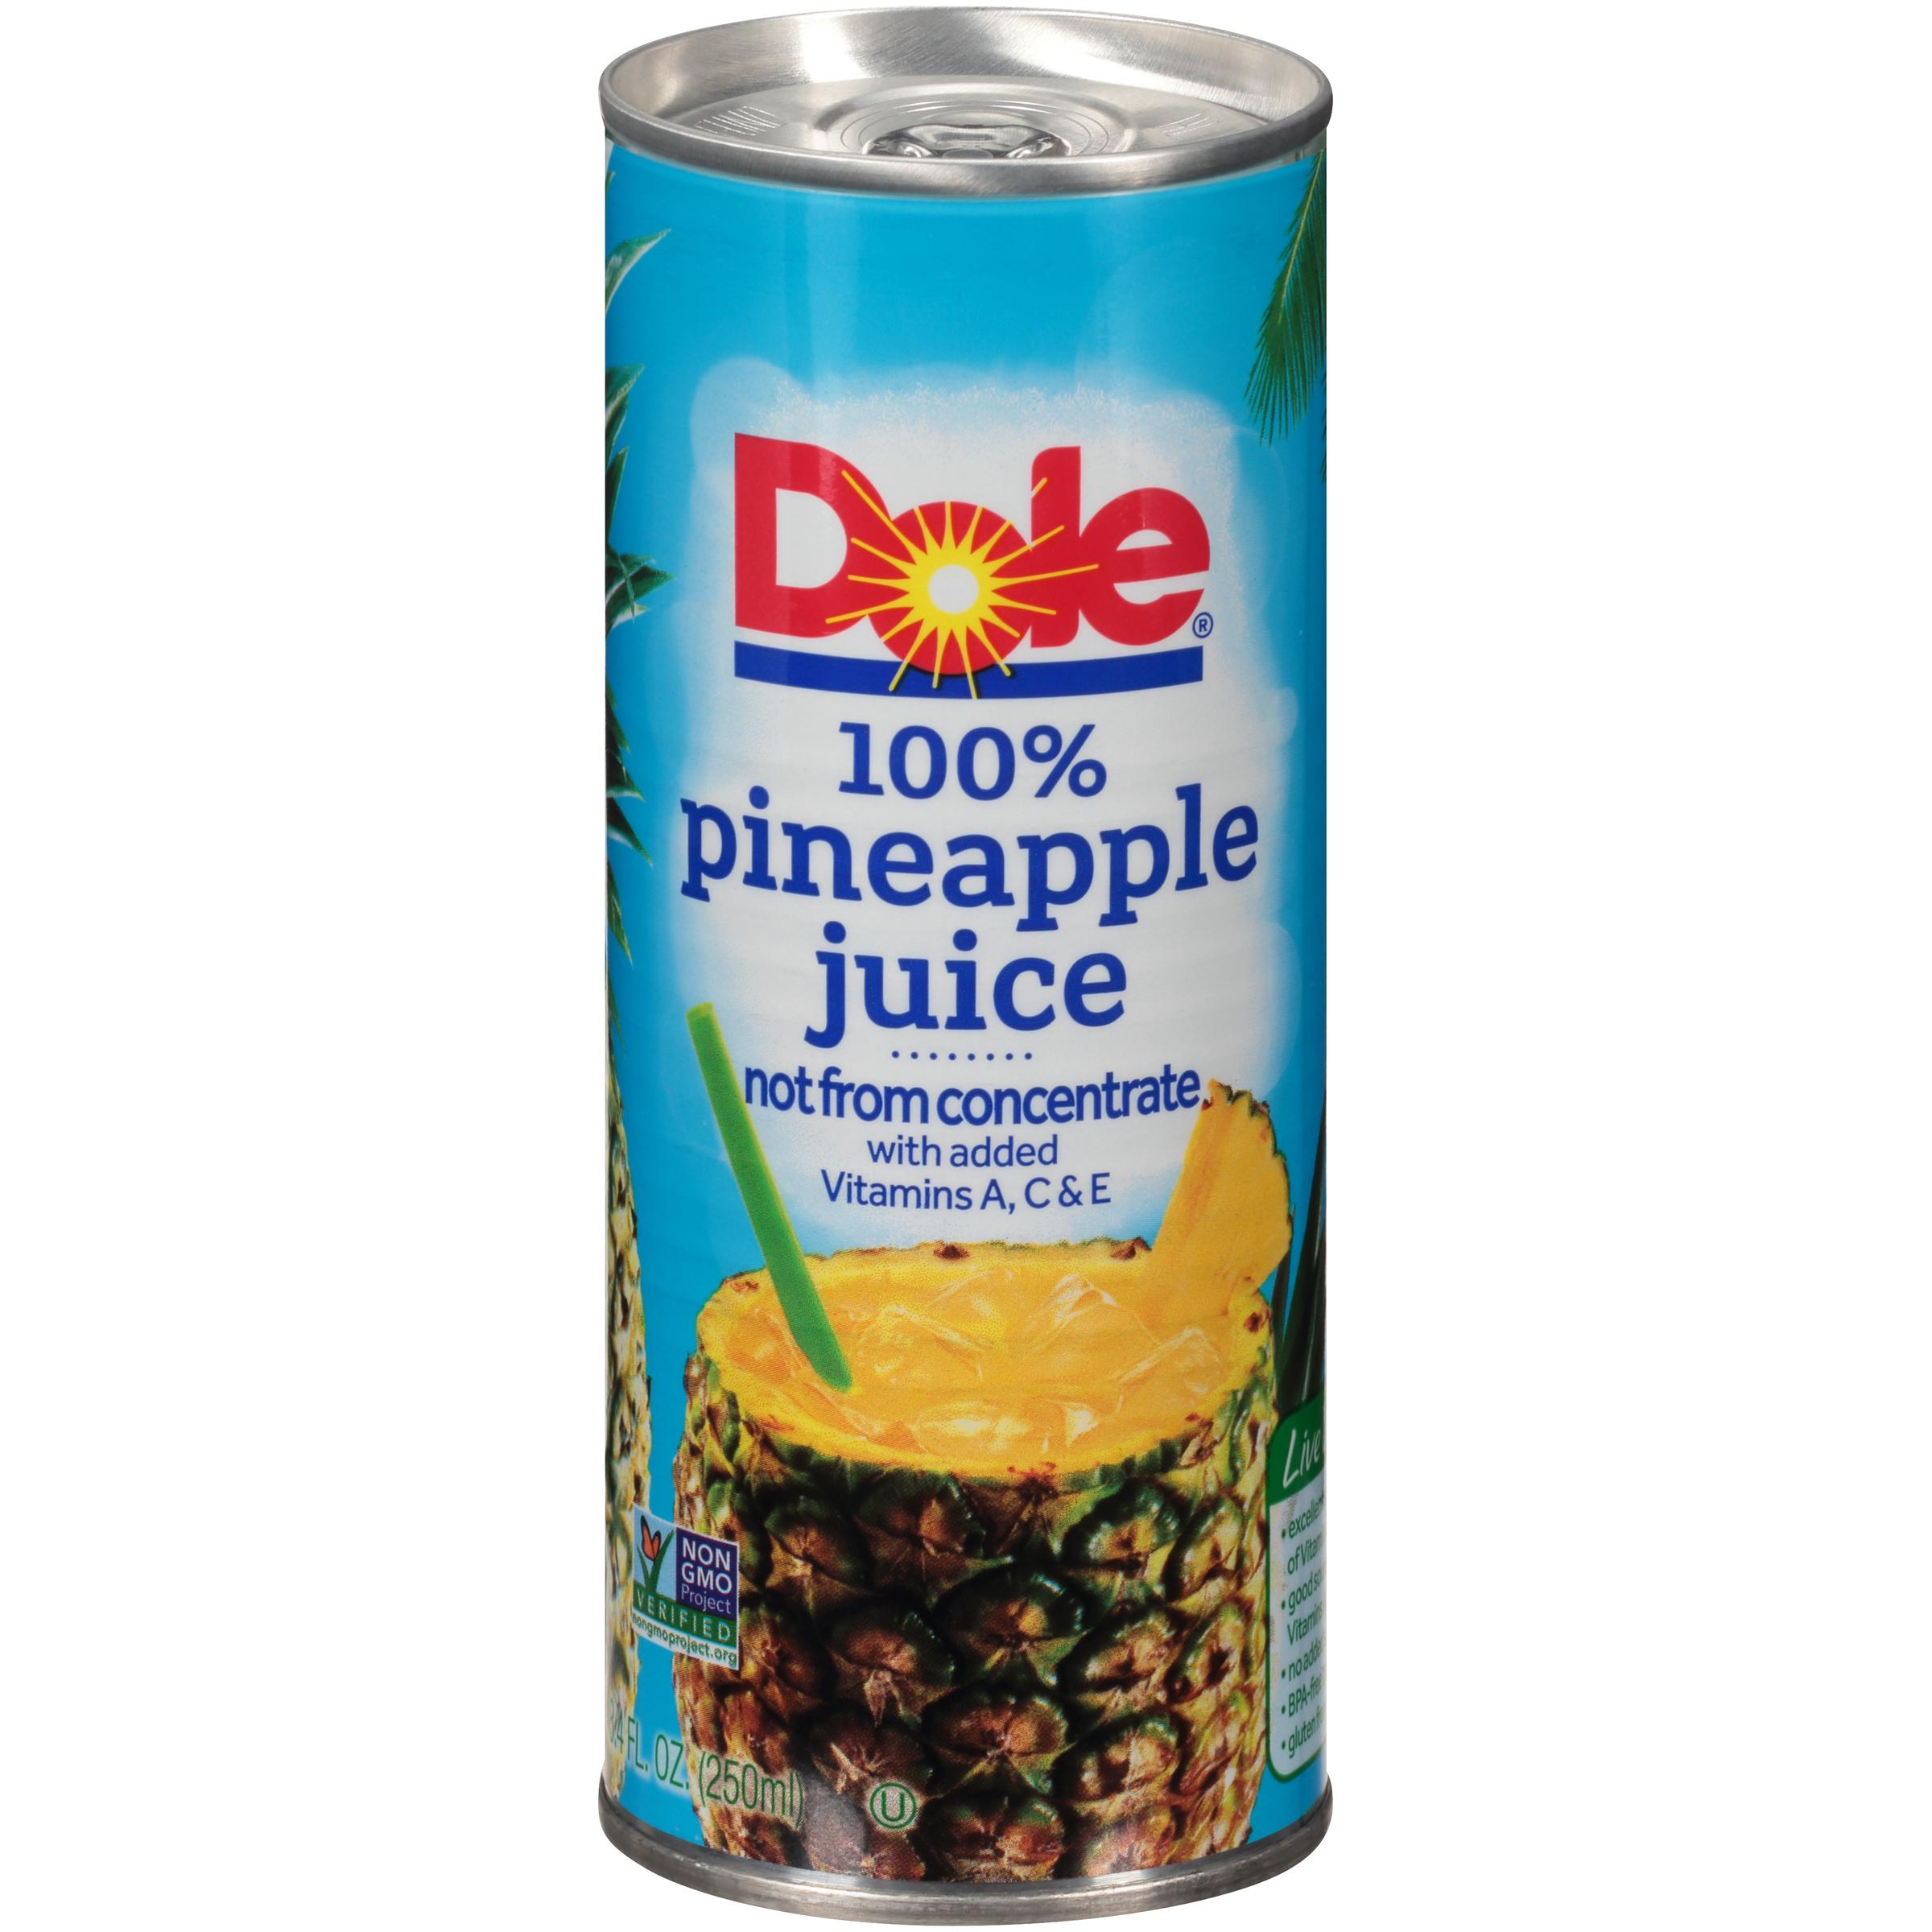 24/8.4 Oz. Pineapple Juice